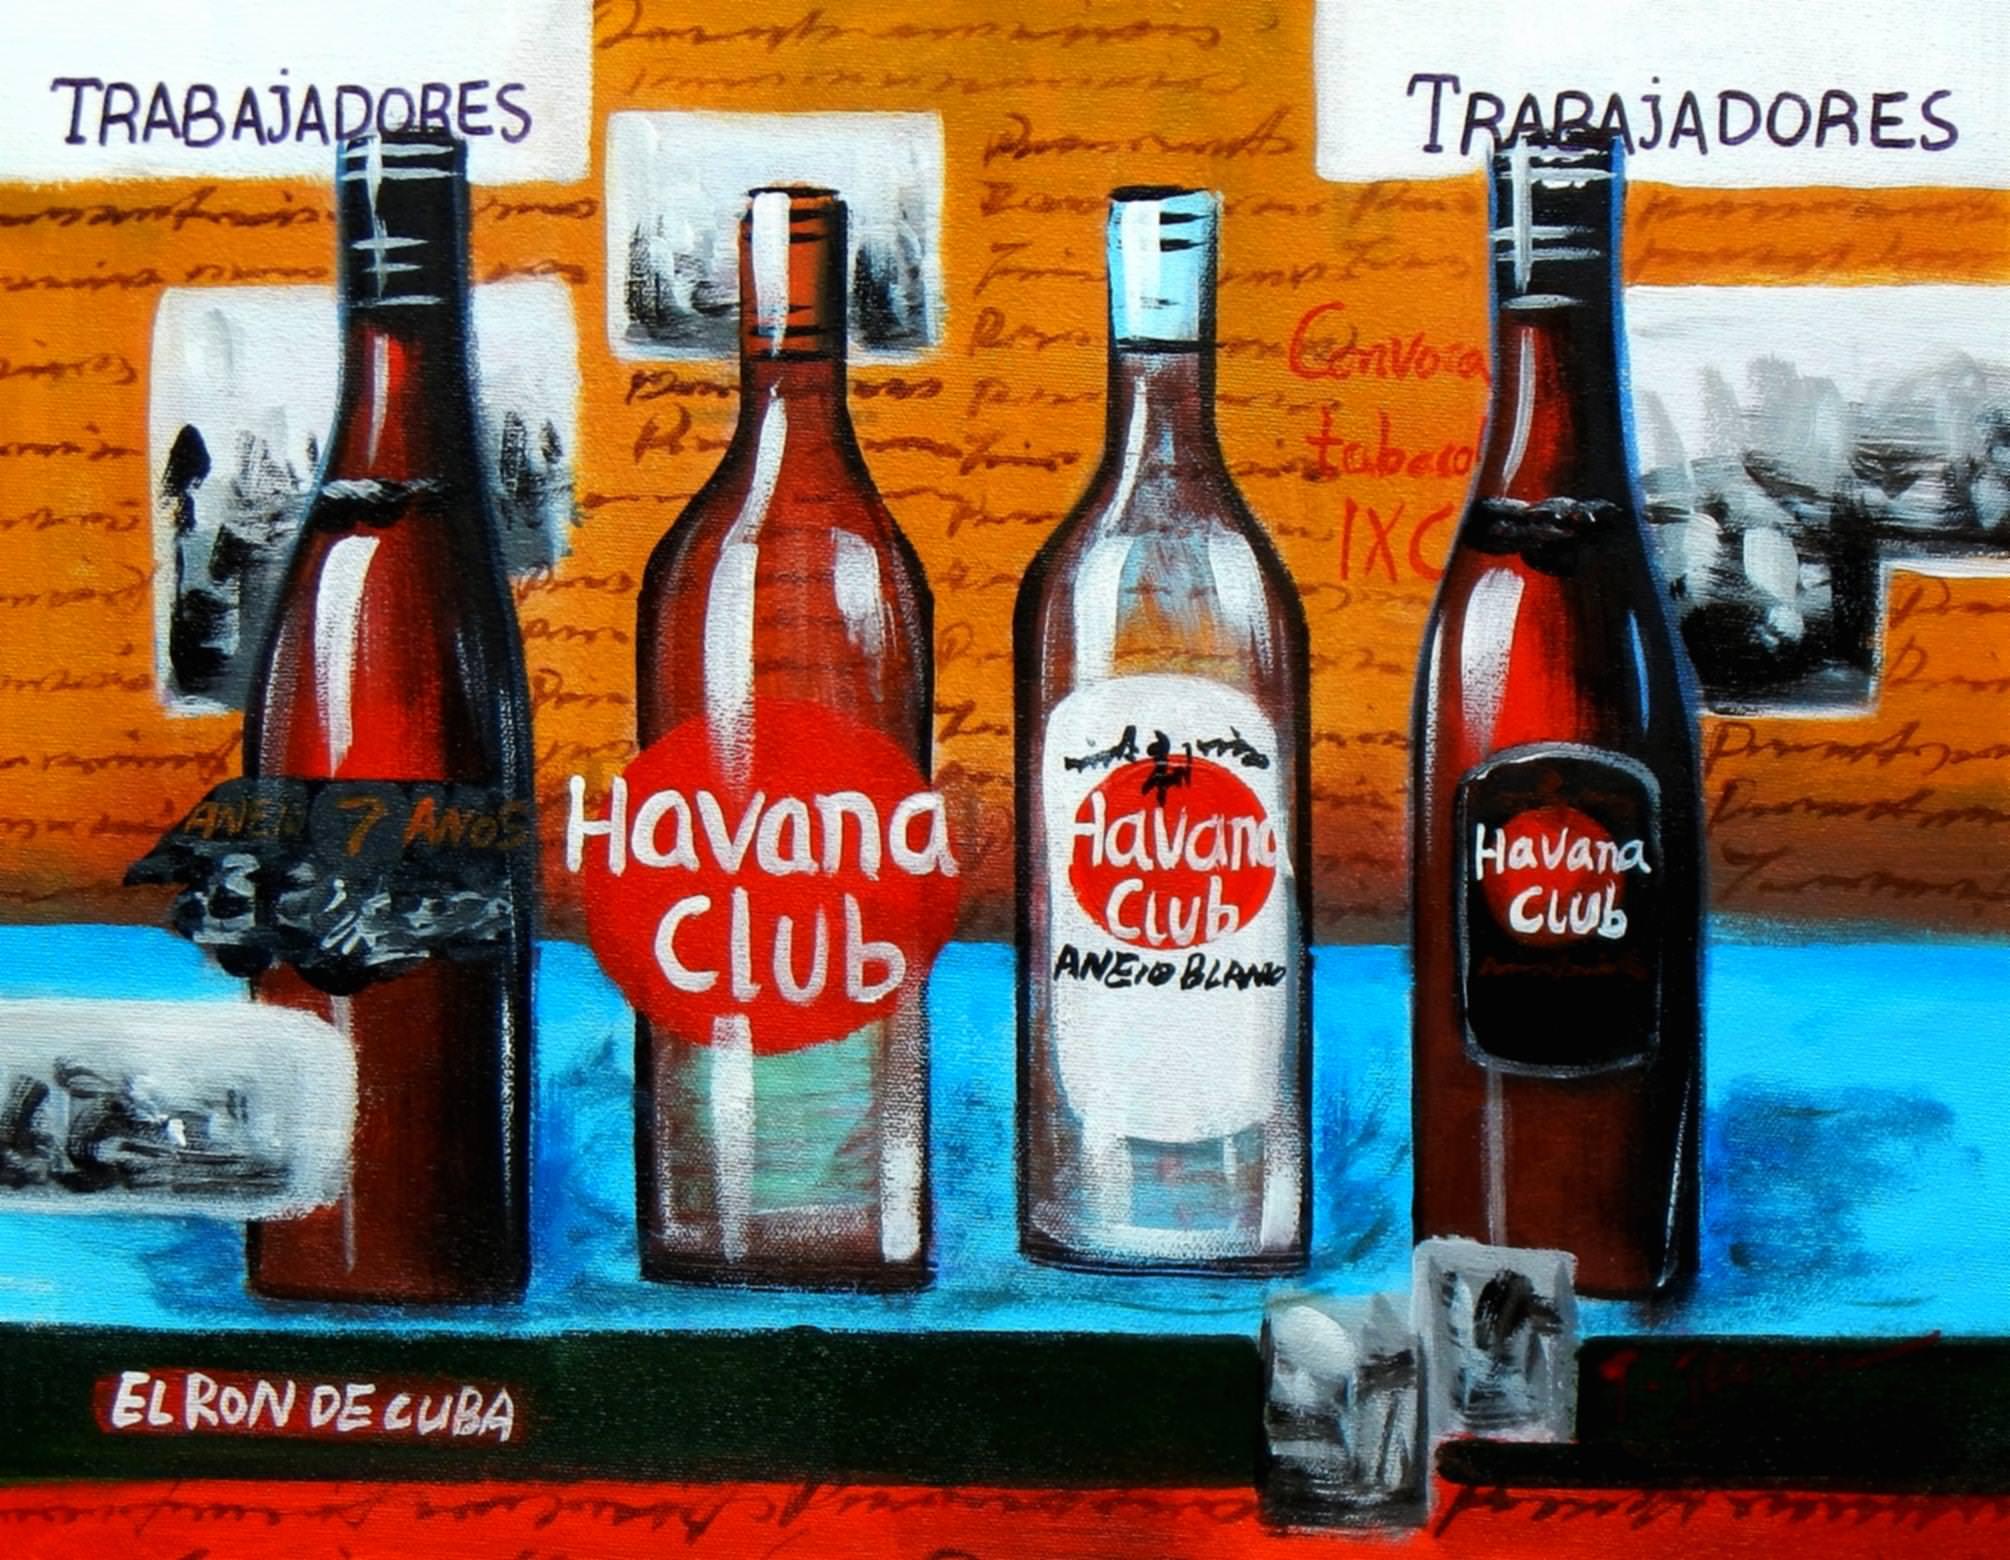 Cuba Havana Club Party a92847 30x40cm Ölgemälde handgemalt